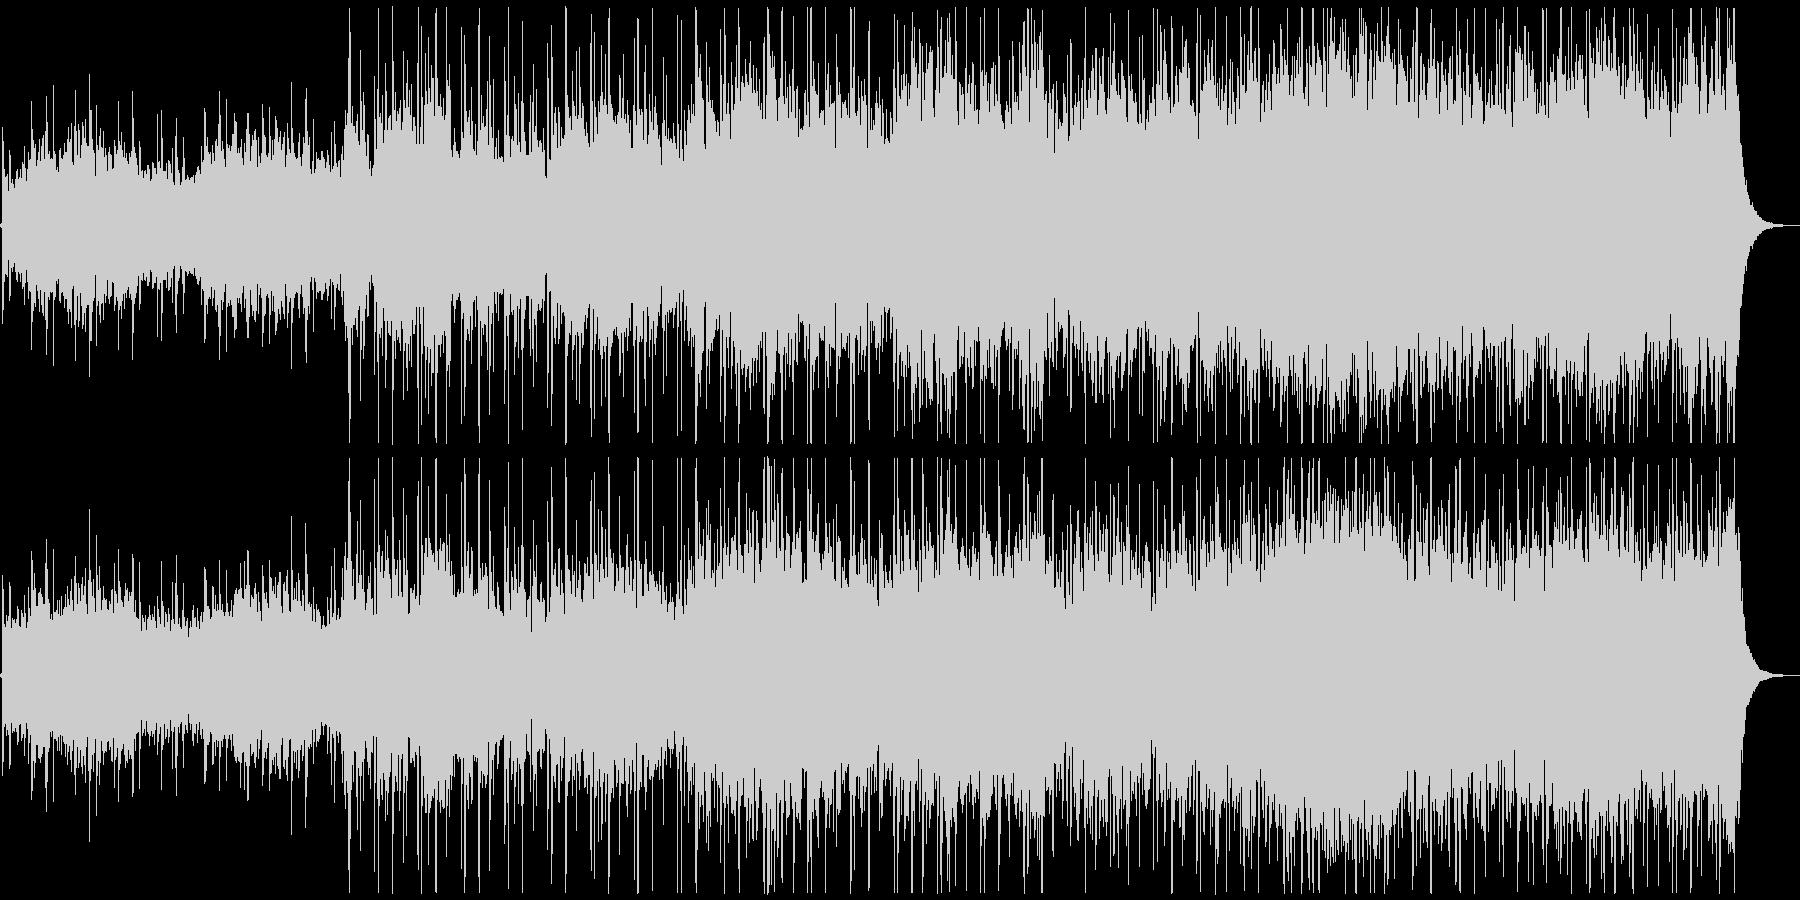 透明感のある壮大なメロディの未再生の波形